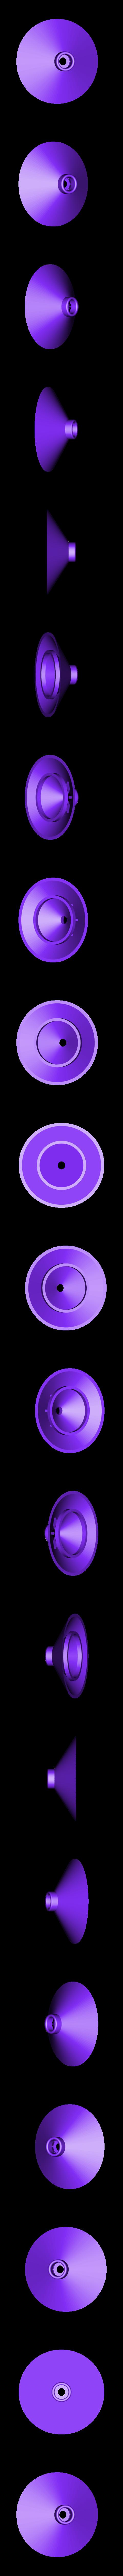 funel.stl Descargar archivo STL gratis EXPRIMIDOR DIRECTO • Objeto para impresora 3D, DJER